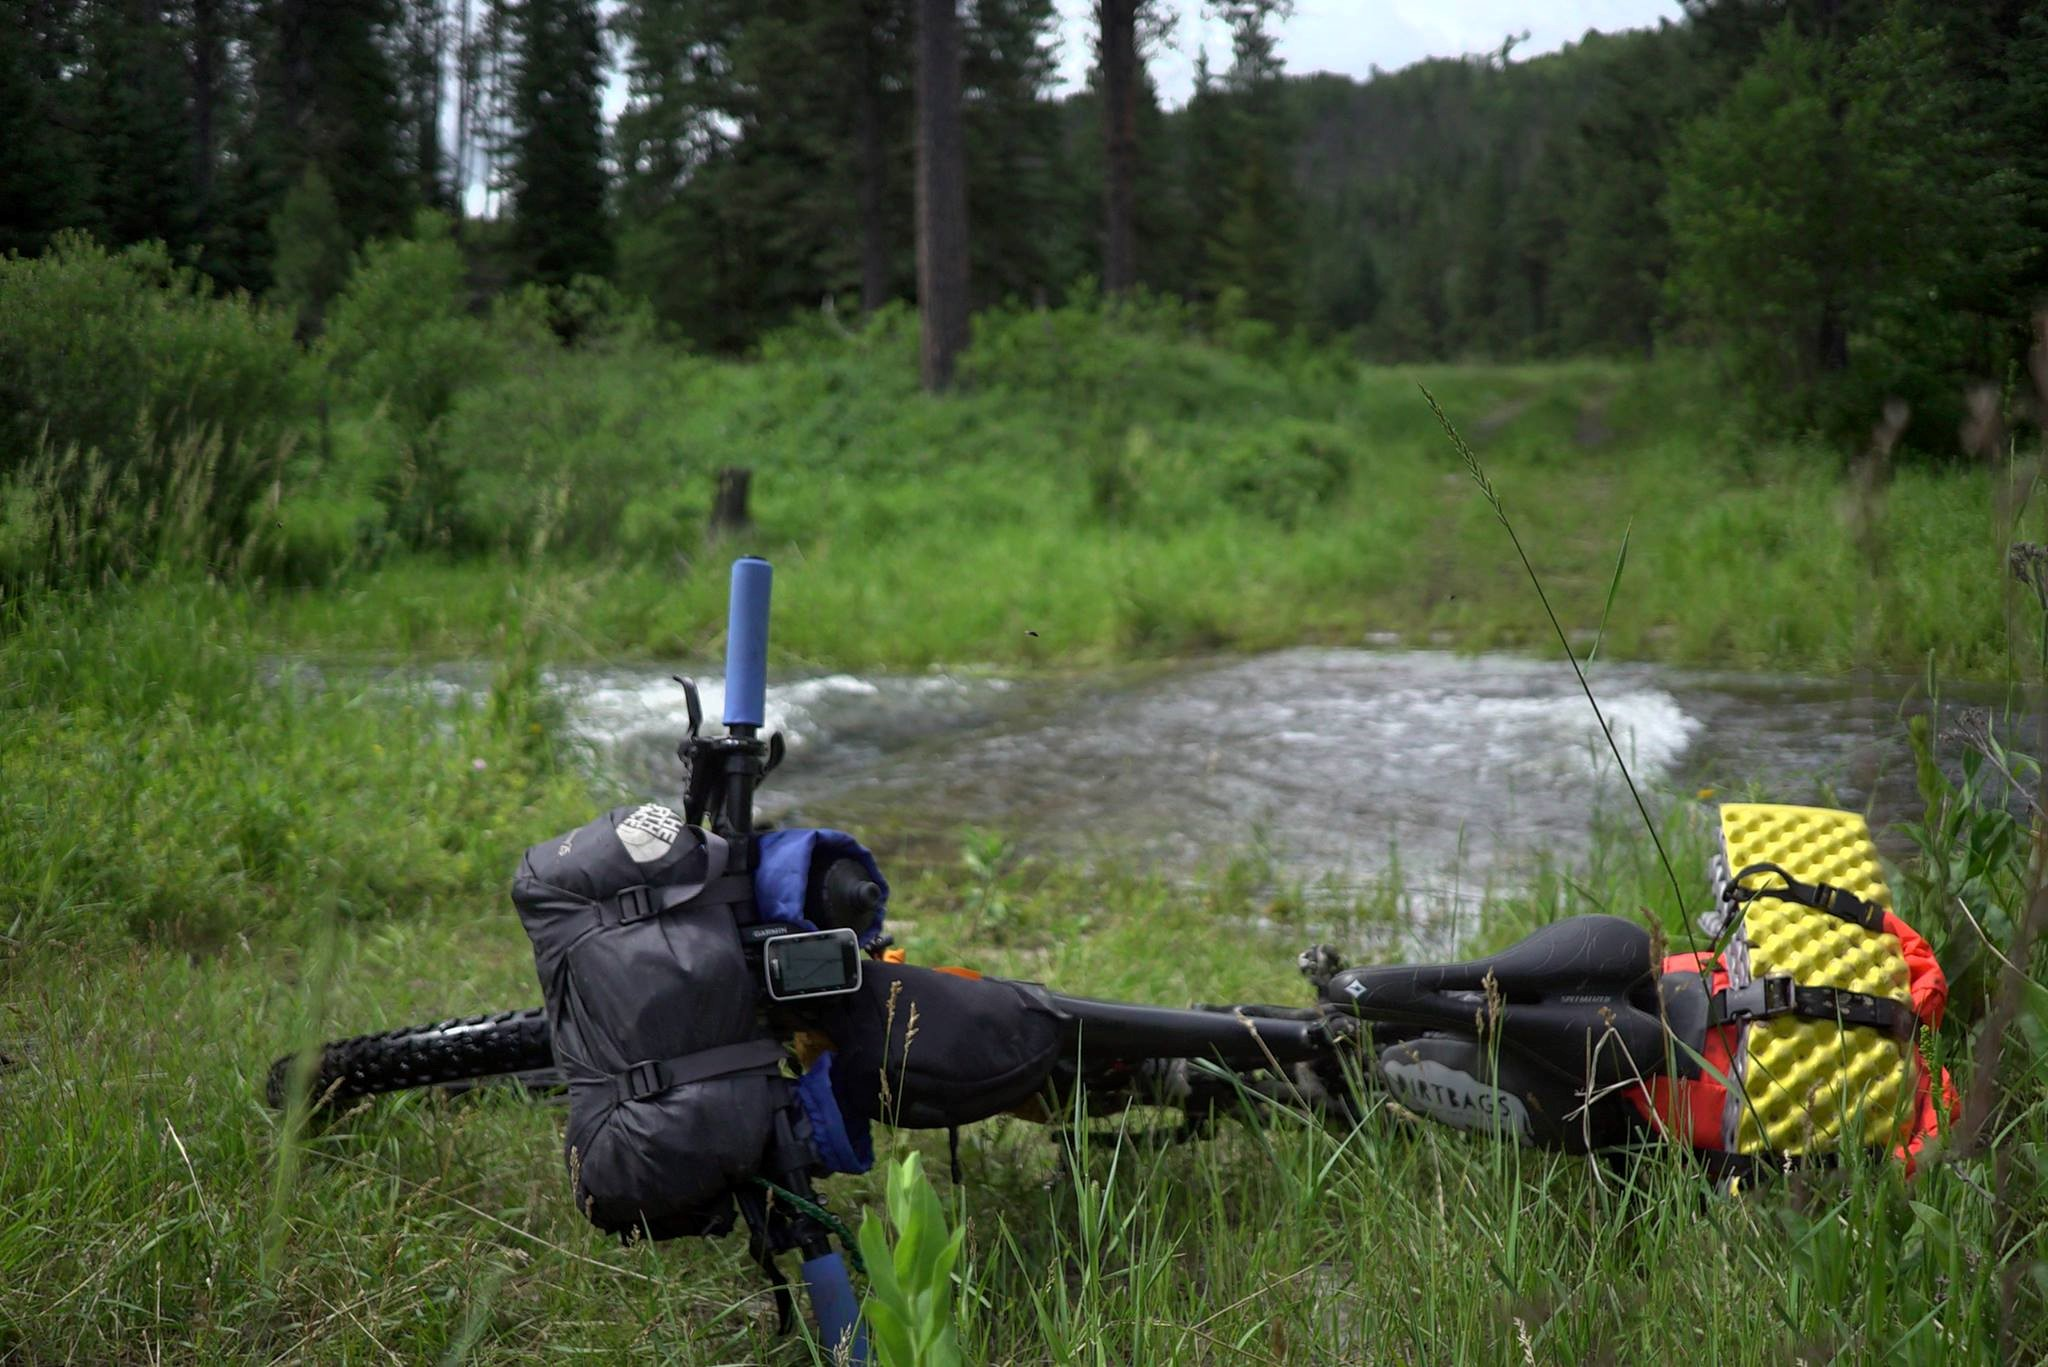 A fully loaded bike on the side of Castle Creek, near Mystic, SD